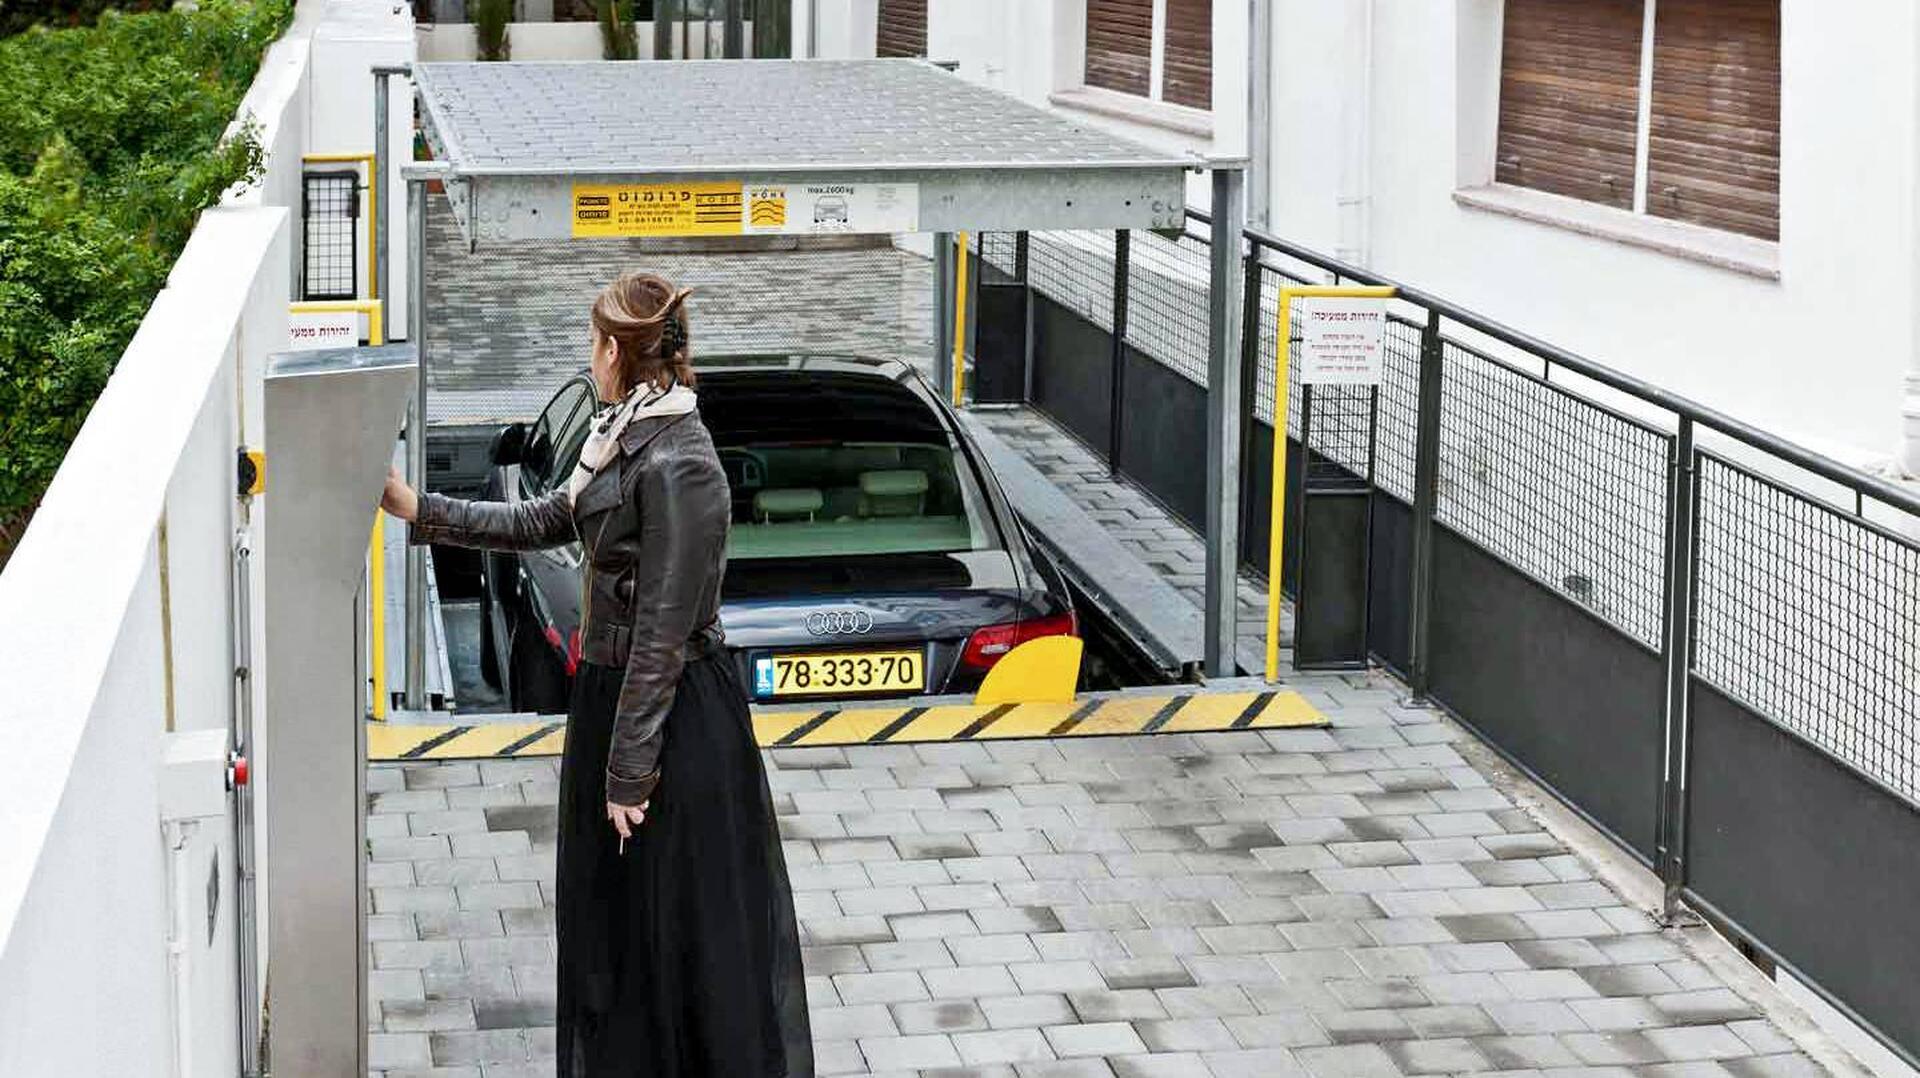 sistema di parcheggio con tetto di copertura a scomparsa